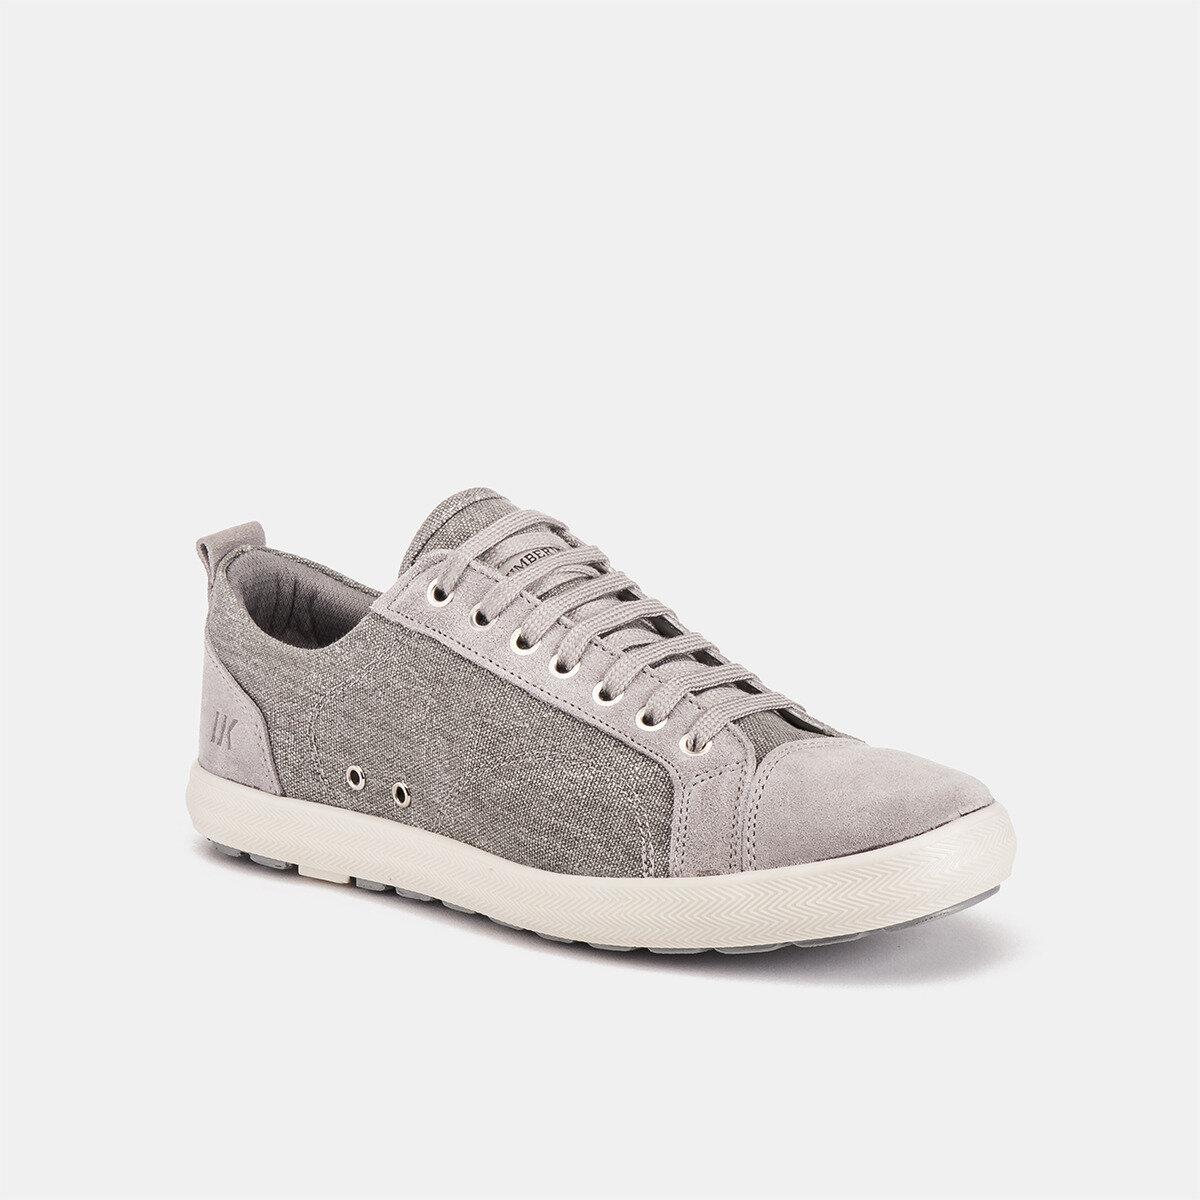 WOLF LT GREY Man Sneakers